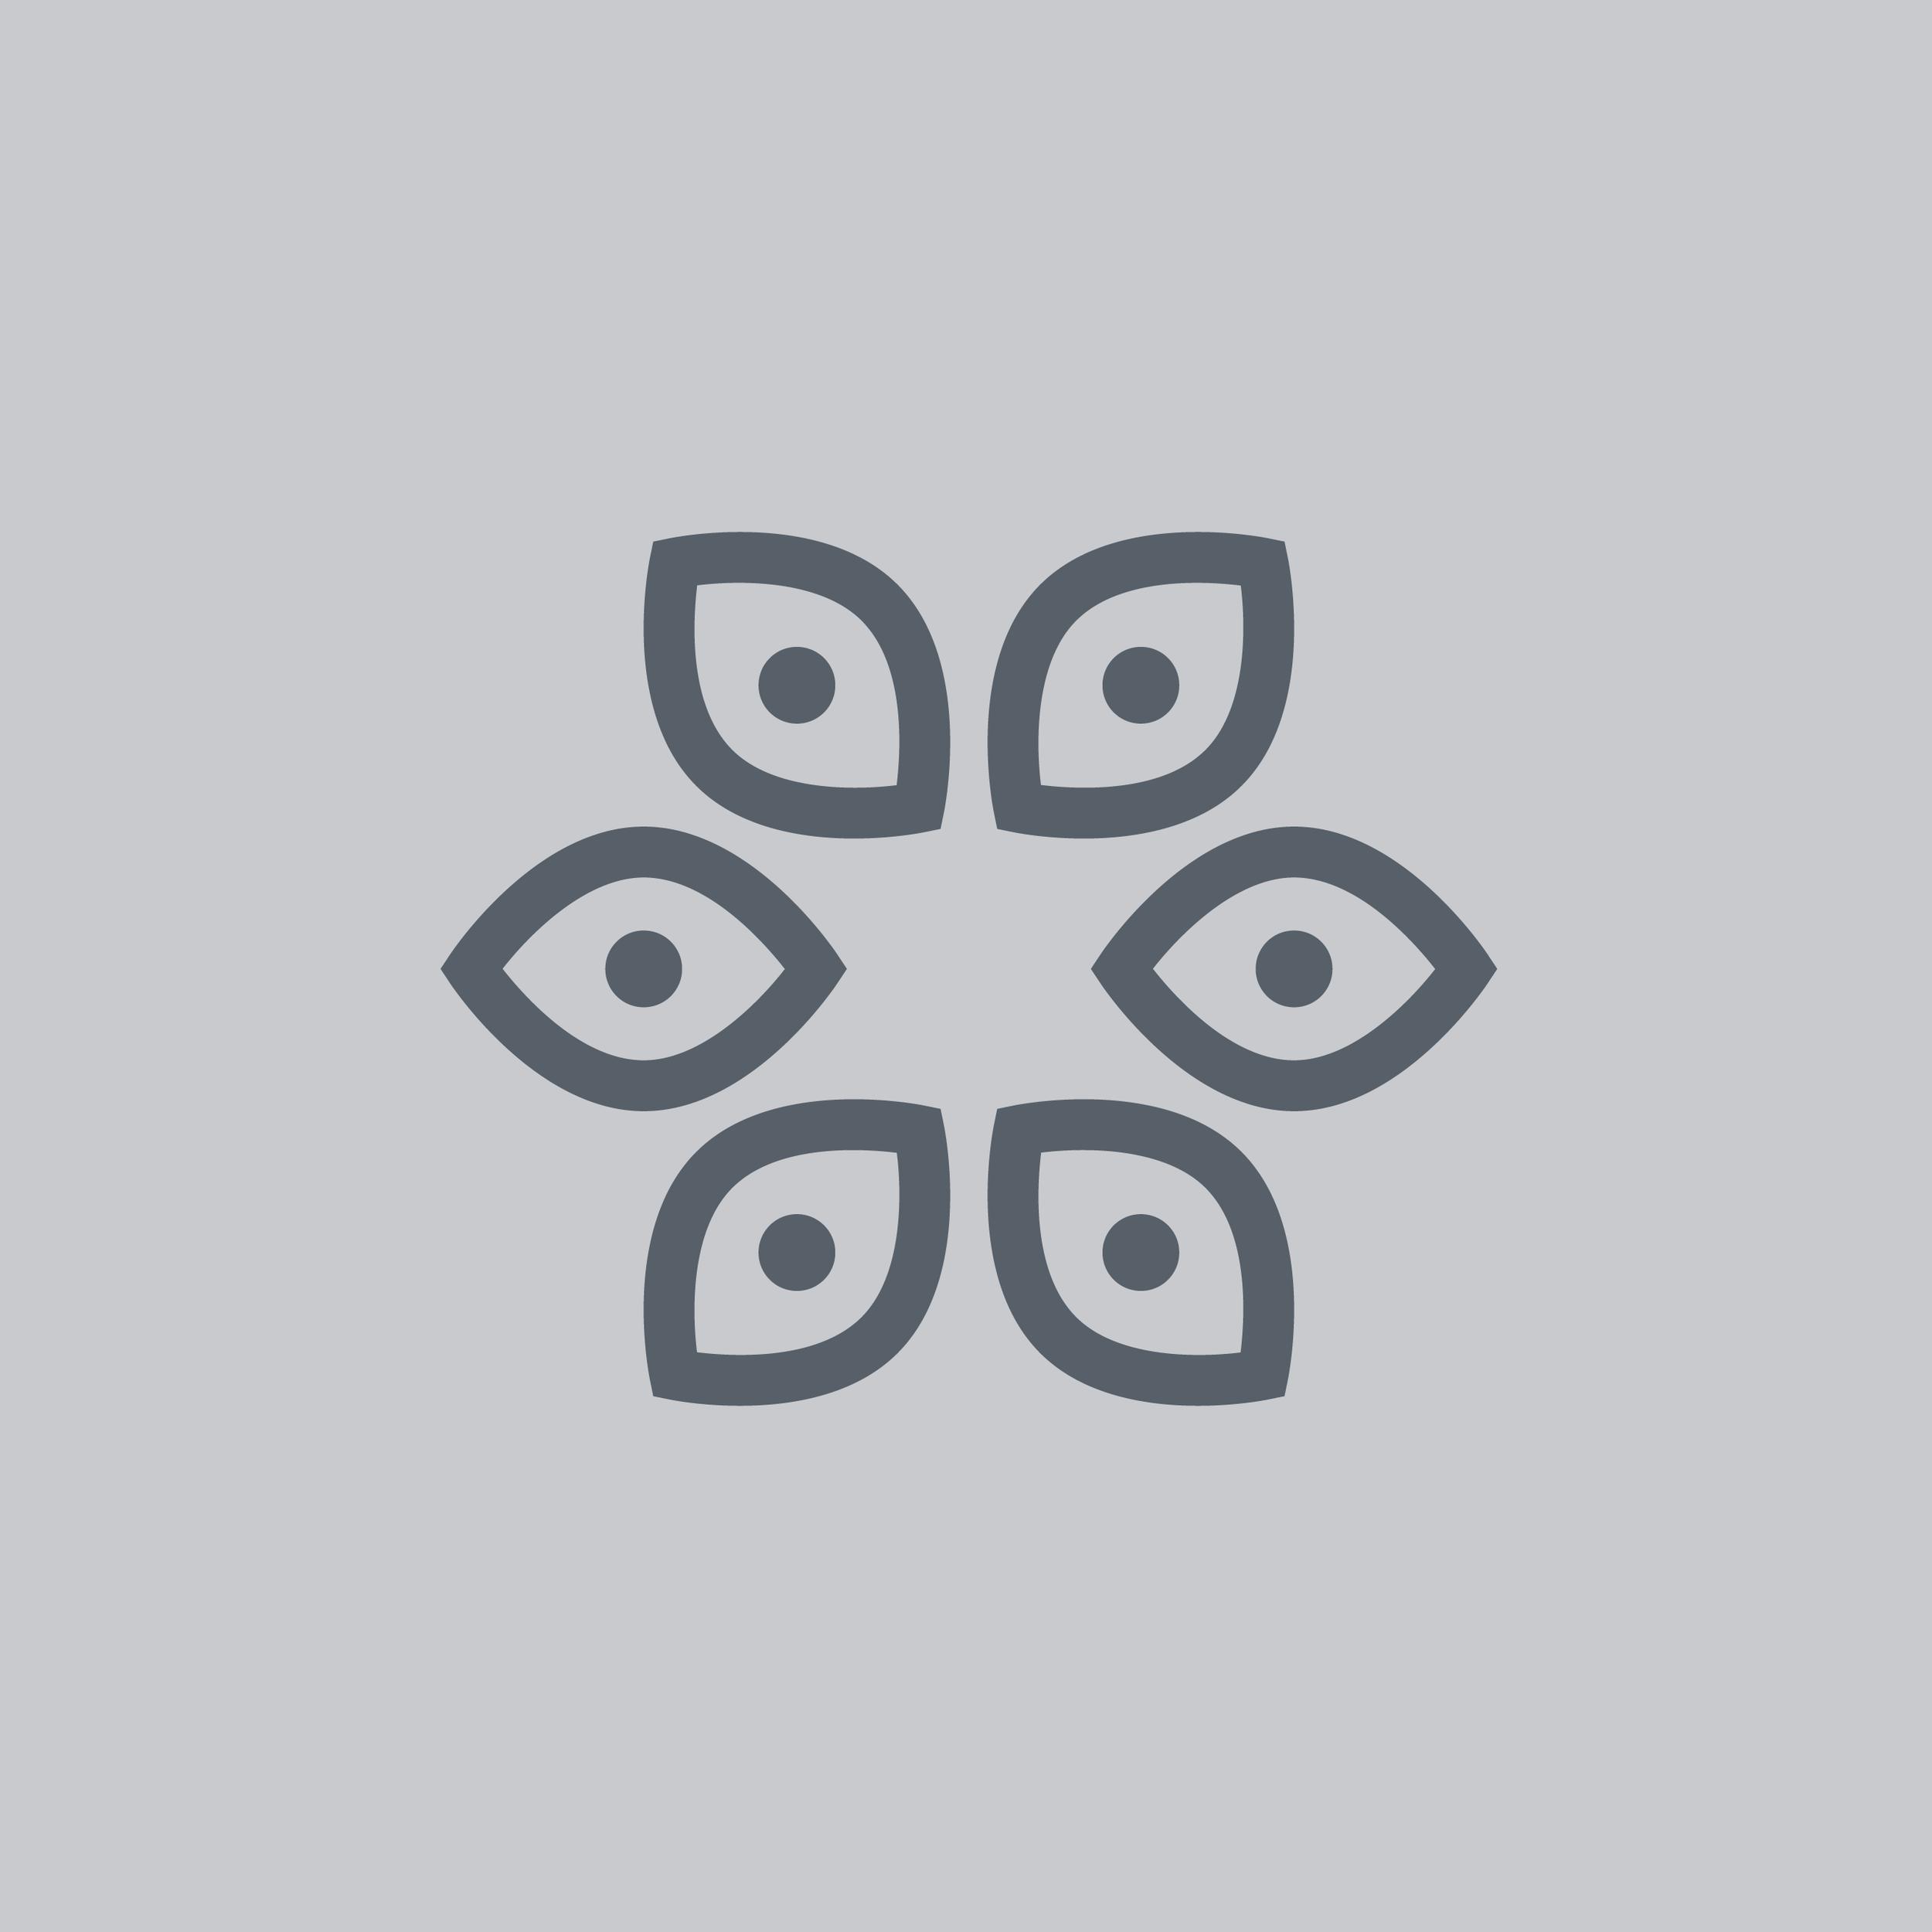 John Berger - Ways of Seeing - Designed by Chris Cureton